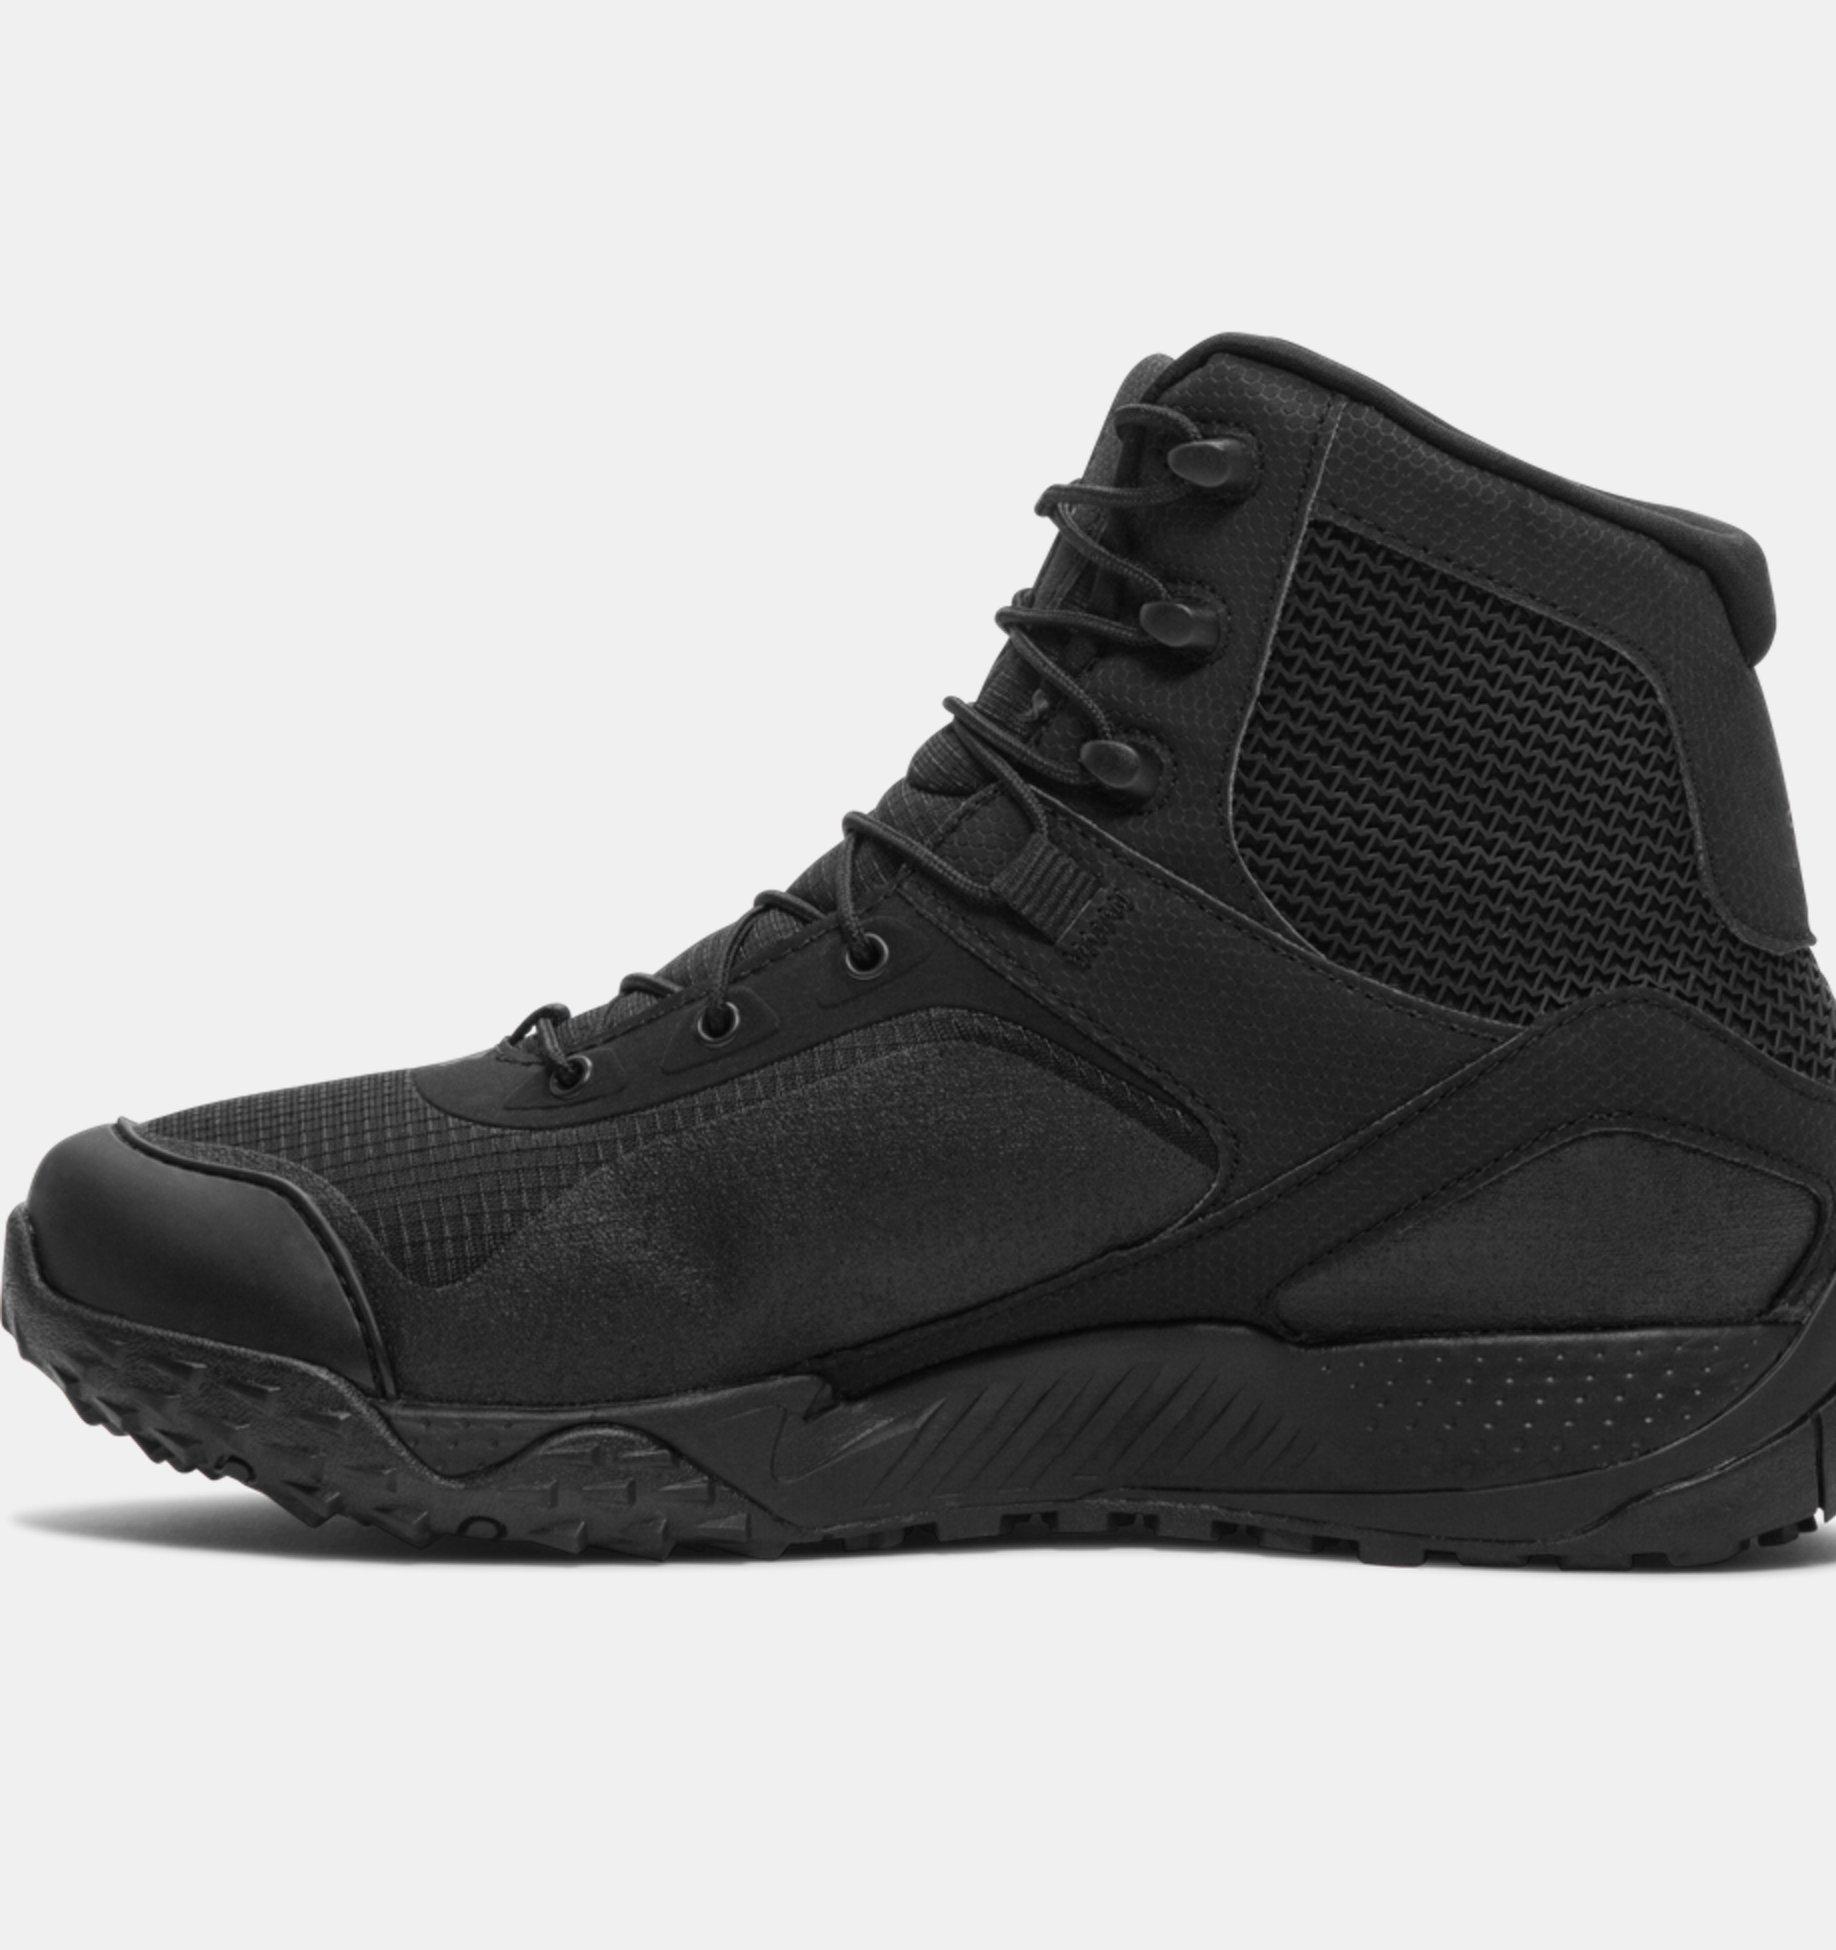 calidad y cantidad asegurada cliente primero diseño de moda Comprar > zapatos tacticos under armour mexico estados unidos ...